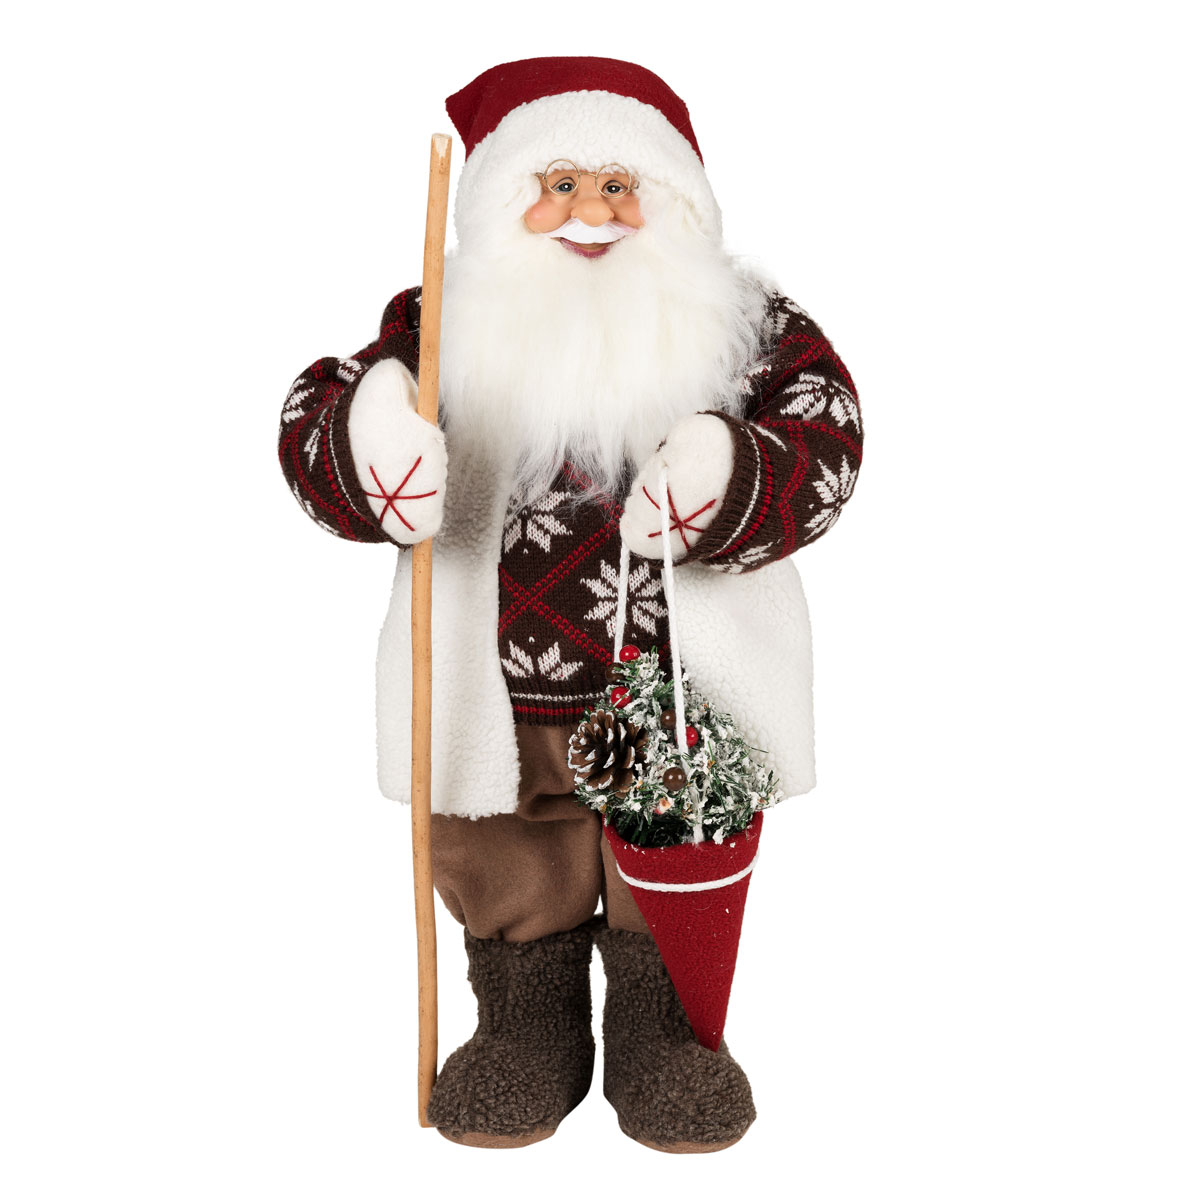 Интерьерная игрушка ESTRO ручной работы. Отличный подарок на Новый Год другу или родственнику. Игрушка ручной работы добавит уюта вашему дому.